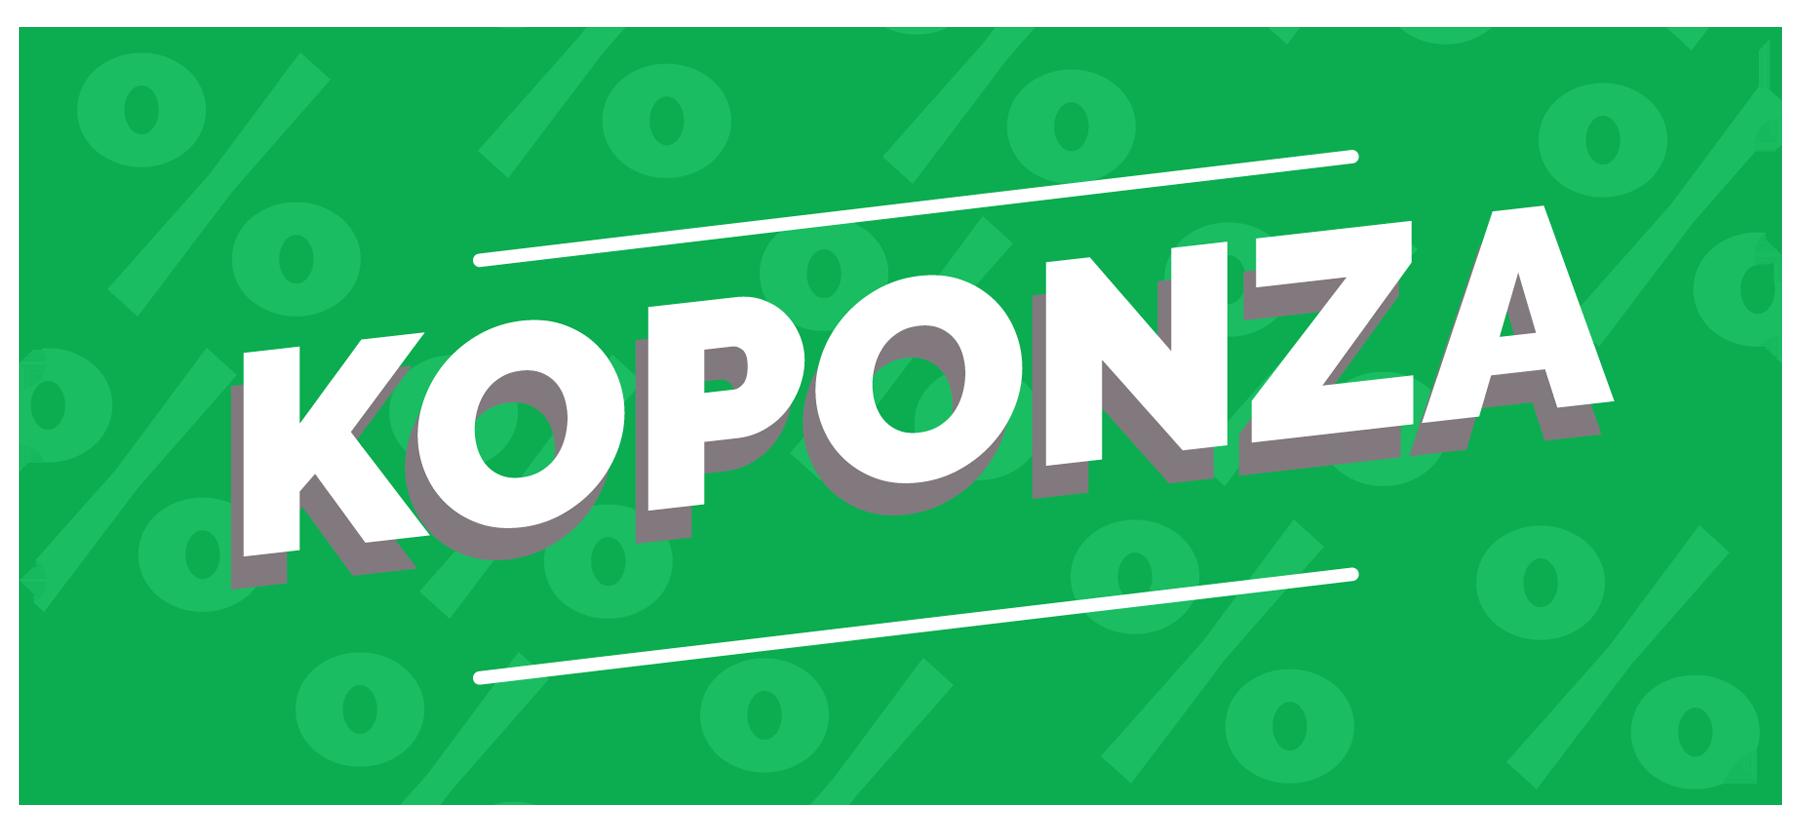 Koponza